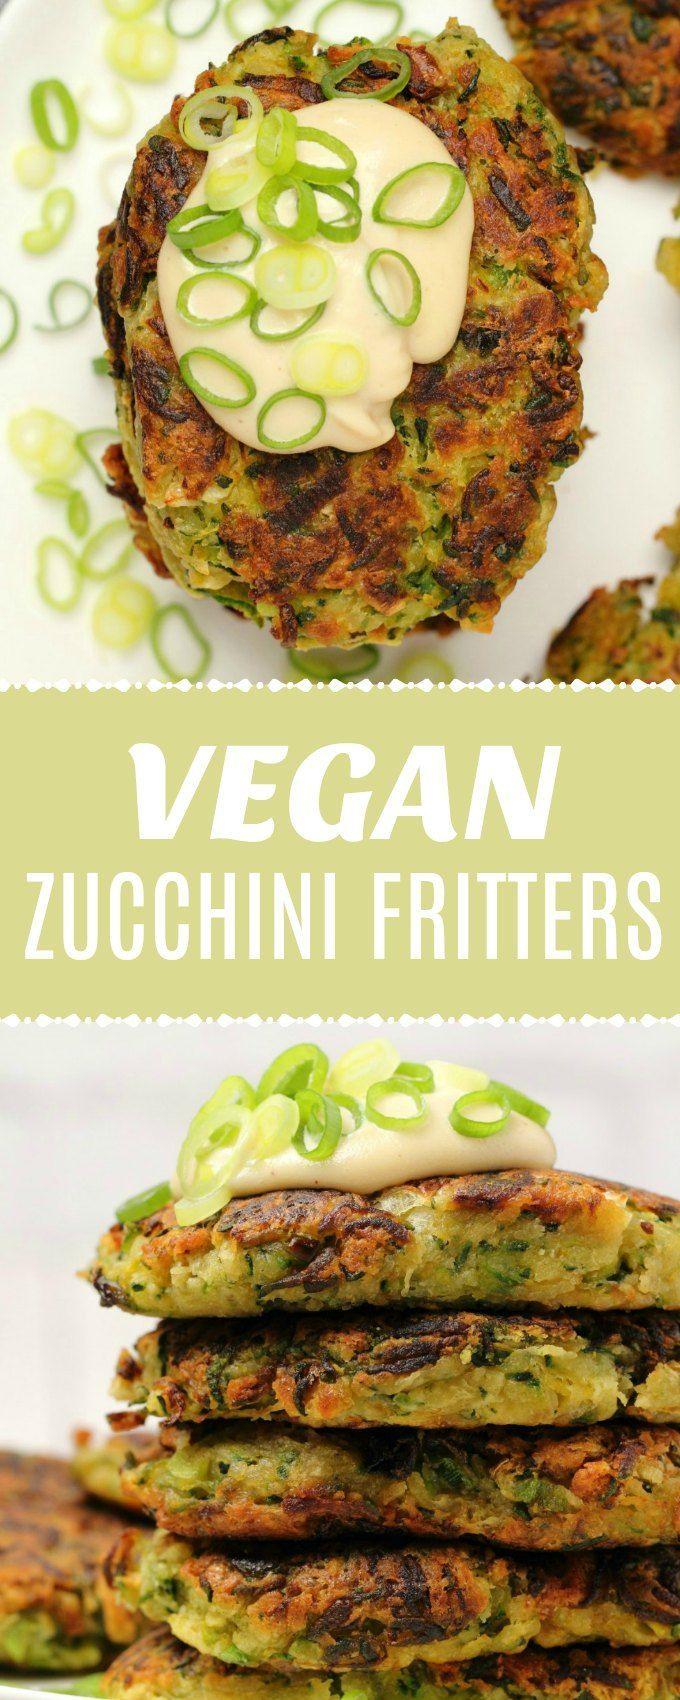 Vegan Zucchini Fritters In 2020 Vegan Recipes Healthy Vegan Zucchini Fritters Vegan Dinner Recipes